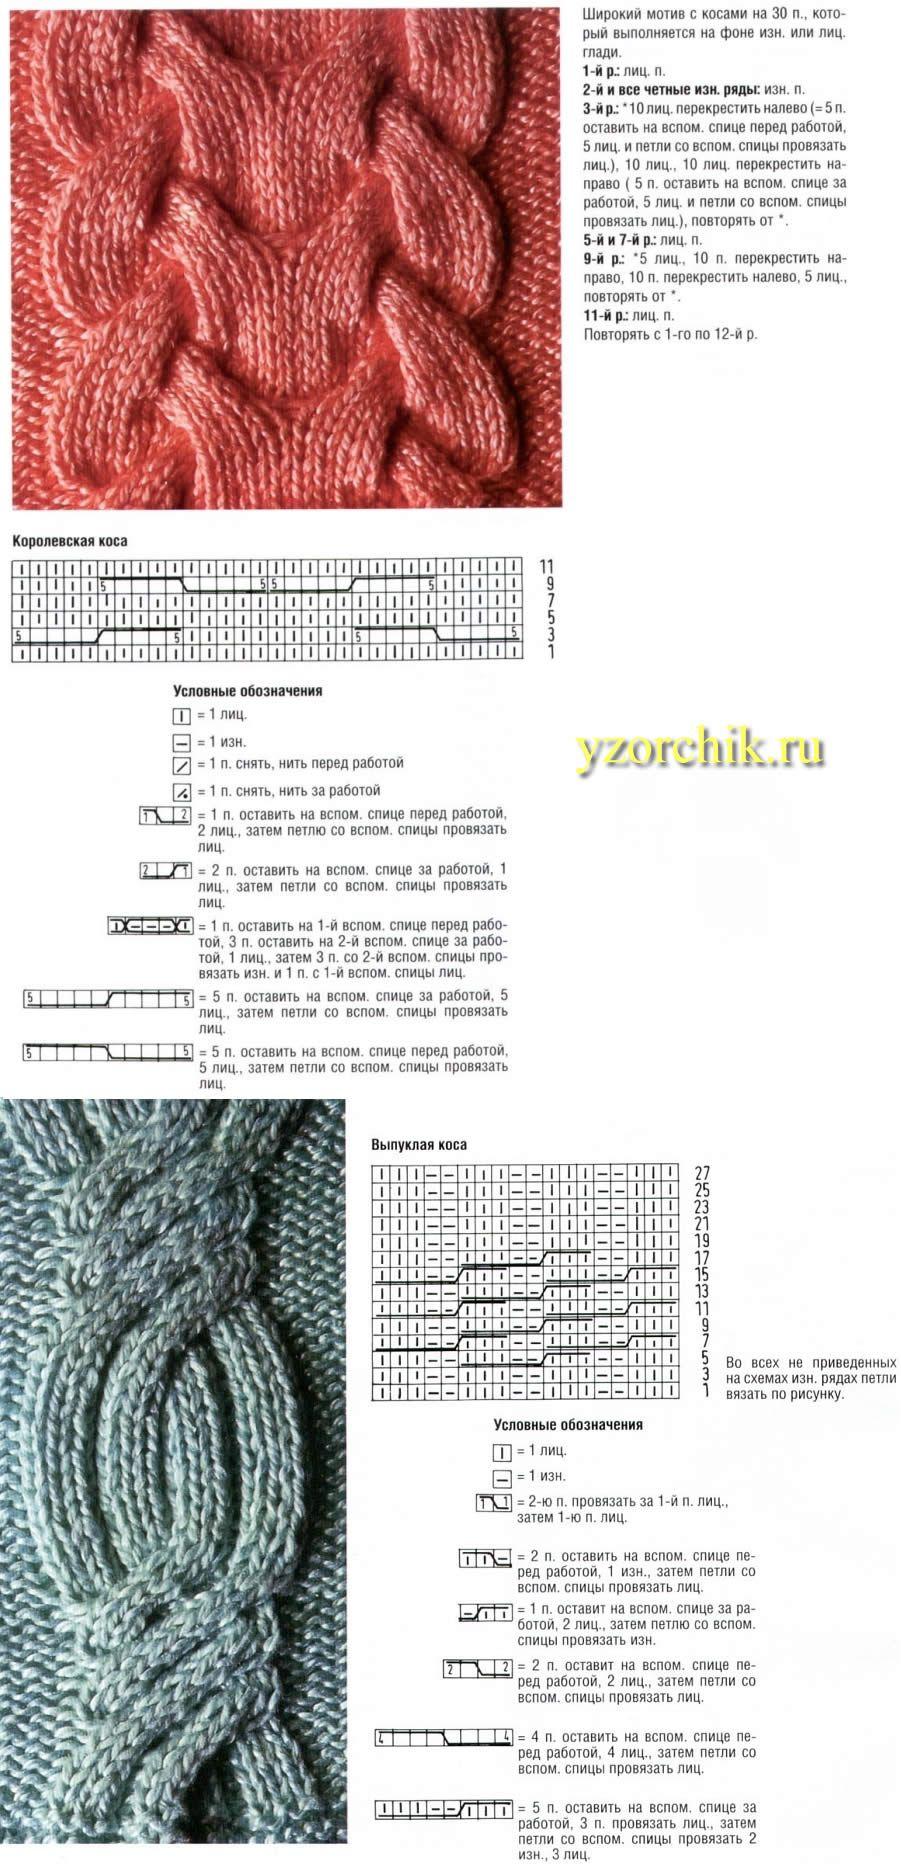 Pin de Светлана en Схемы | Pinterest | Tejido, Dos agujas y Puntadas